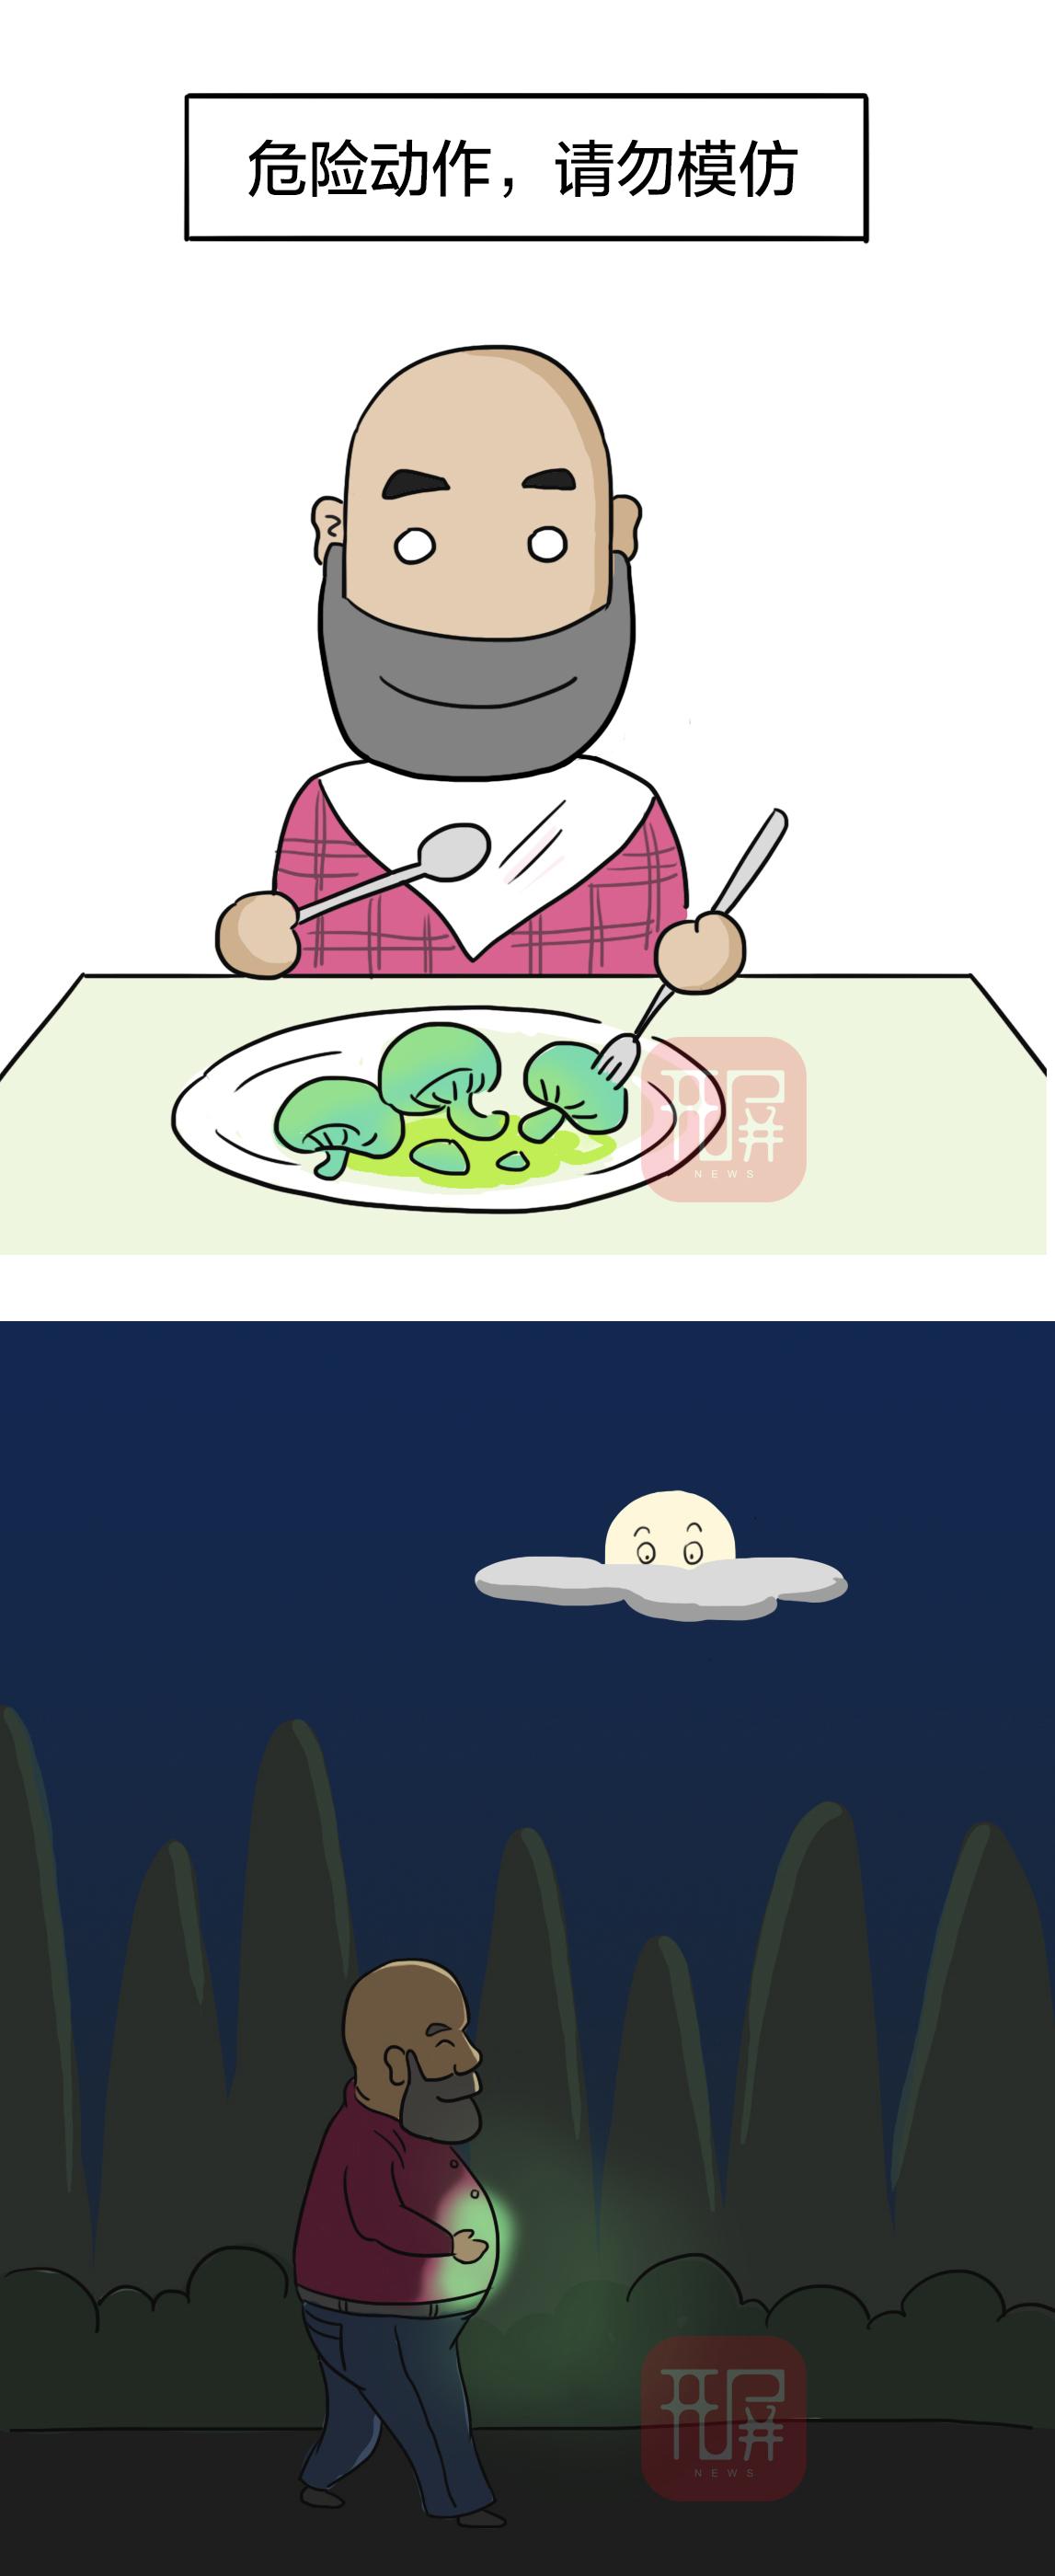 【万物滇行】真菌篇——发光蘑菇.jpg